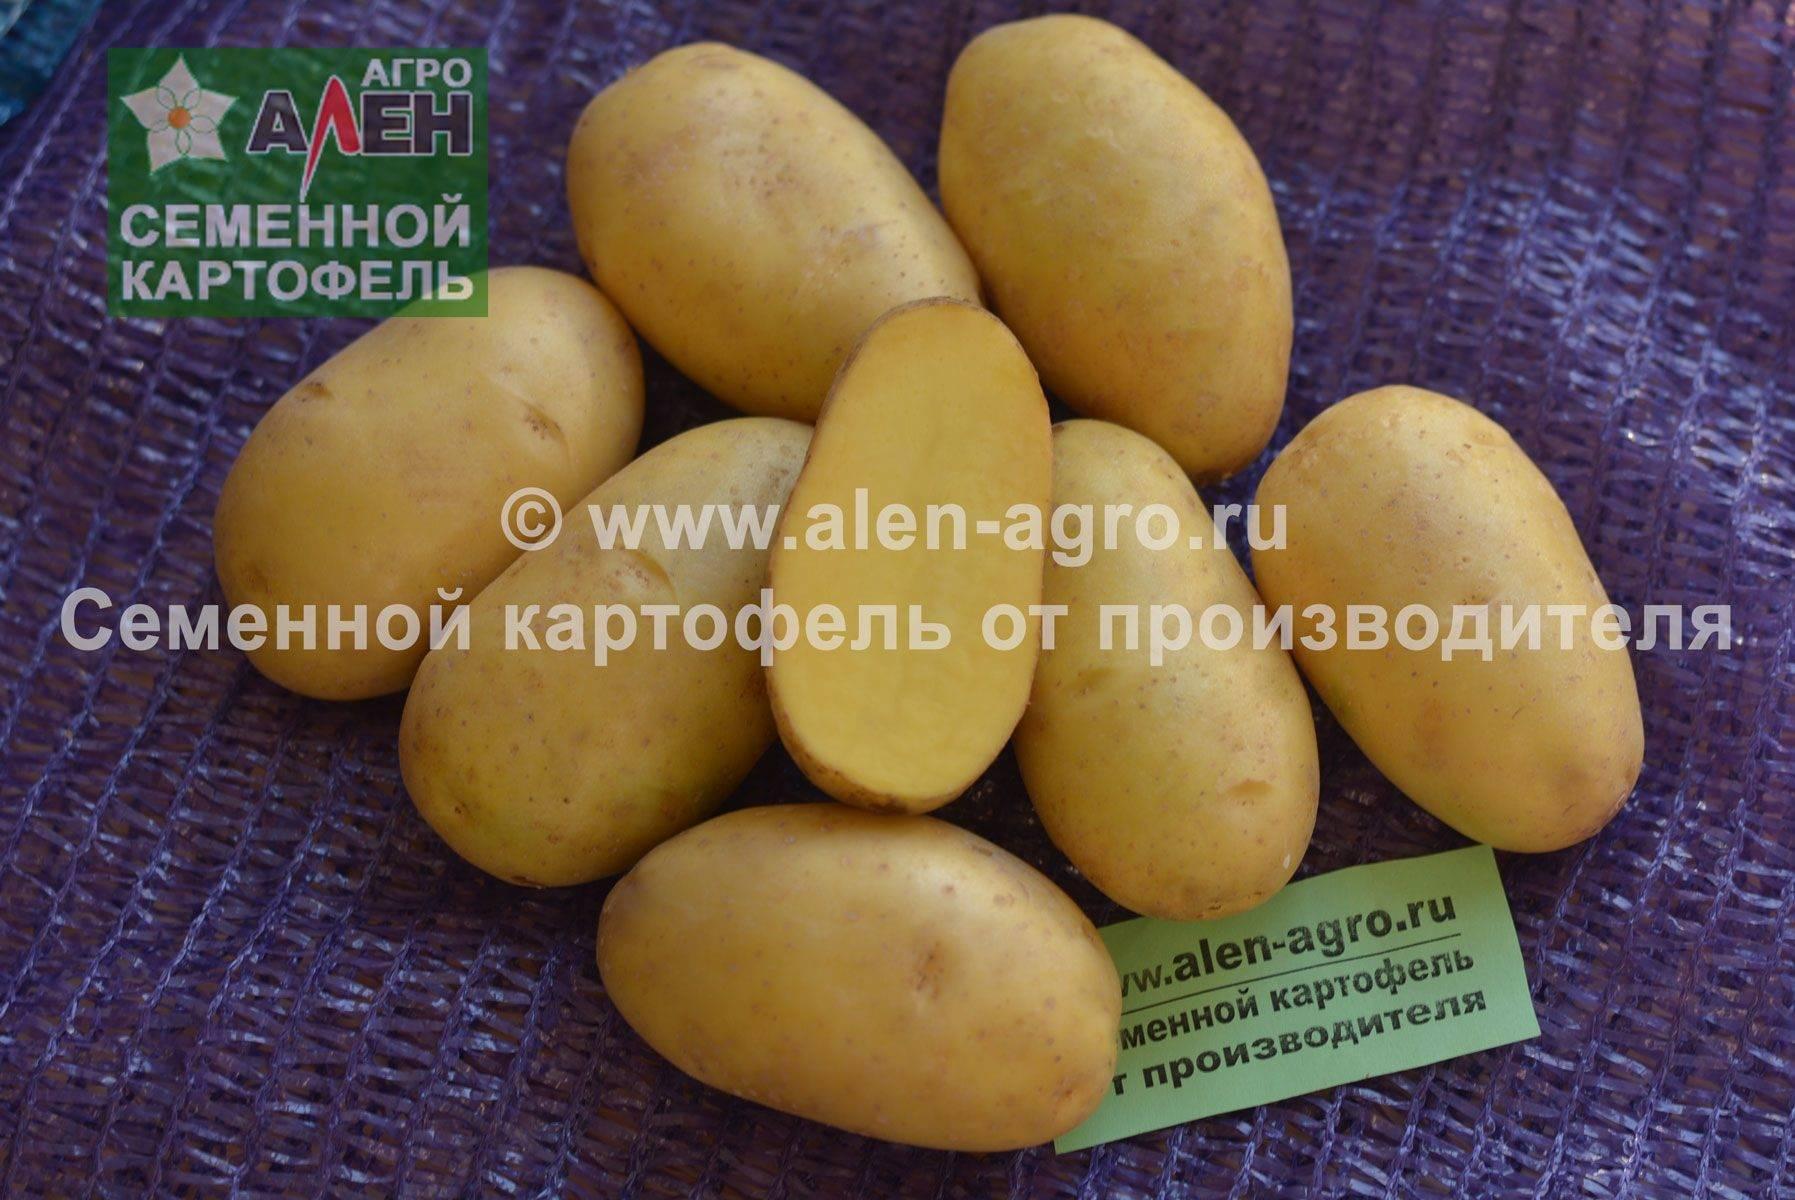 Описание и характеристика сорта картофеля Колетте, правила посадки и ухода